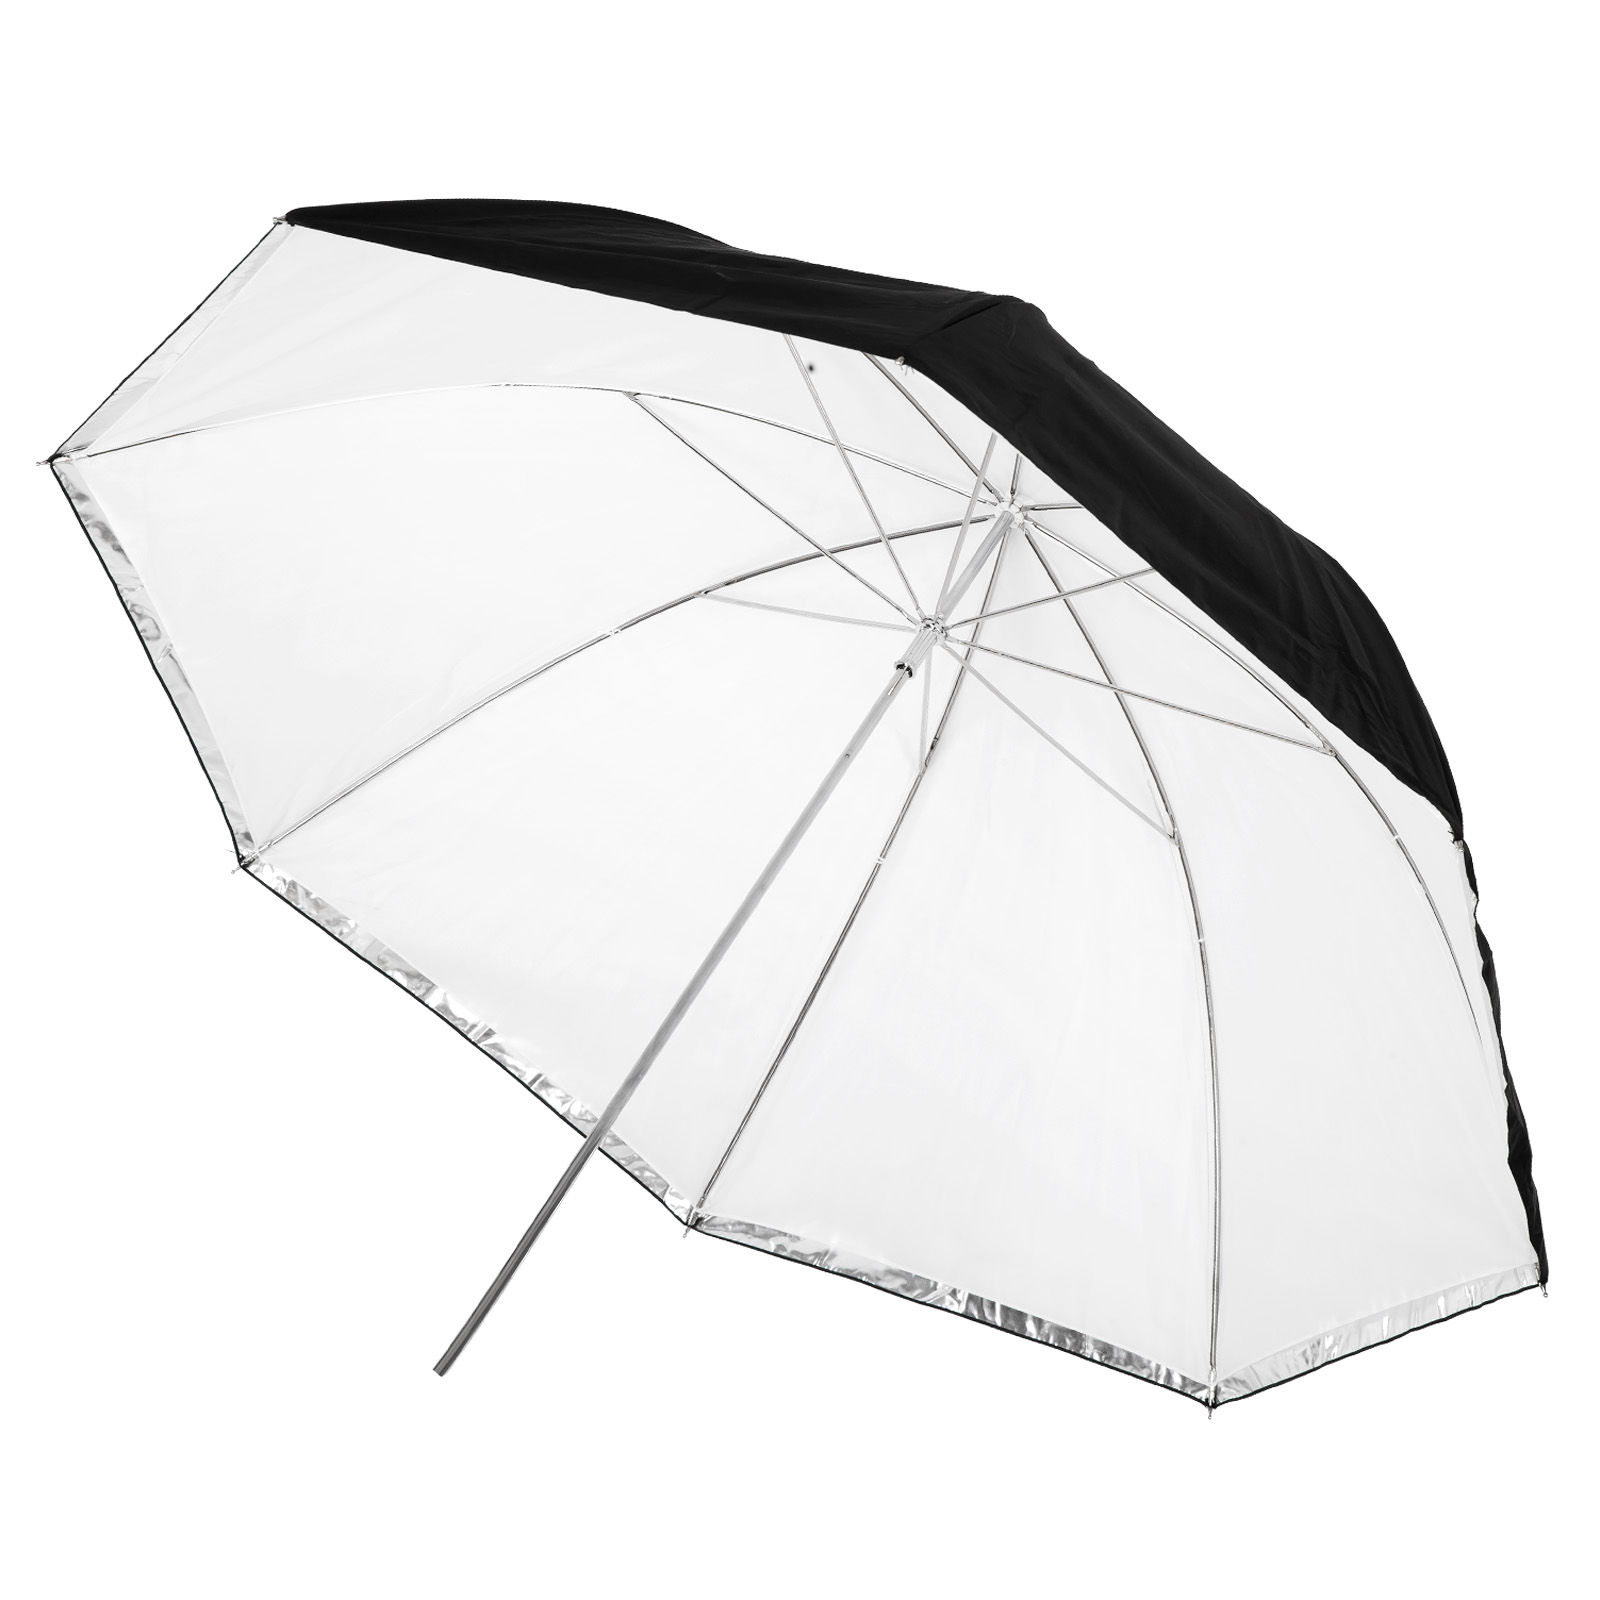 mircopro Зонт Mircopro UB-007 100см (черный/серебристый/полупрозрачный)